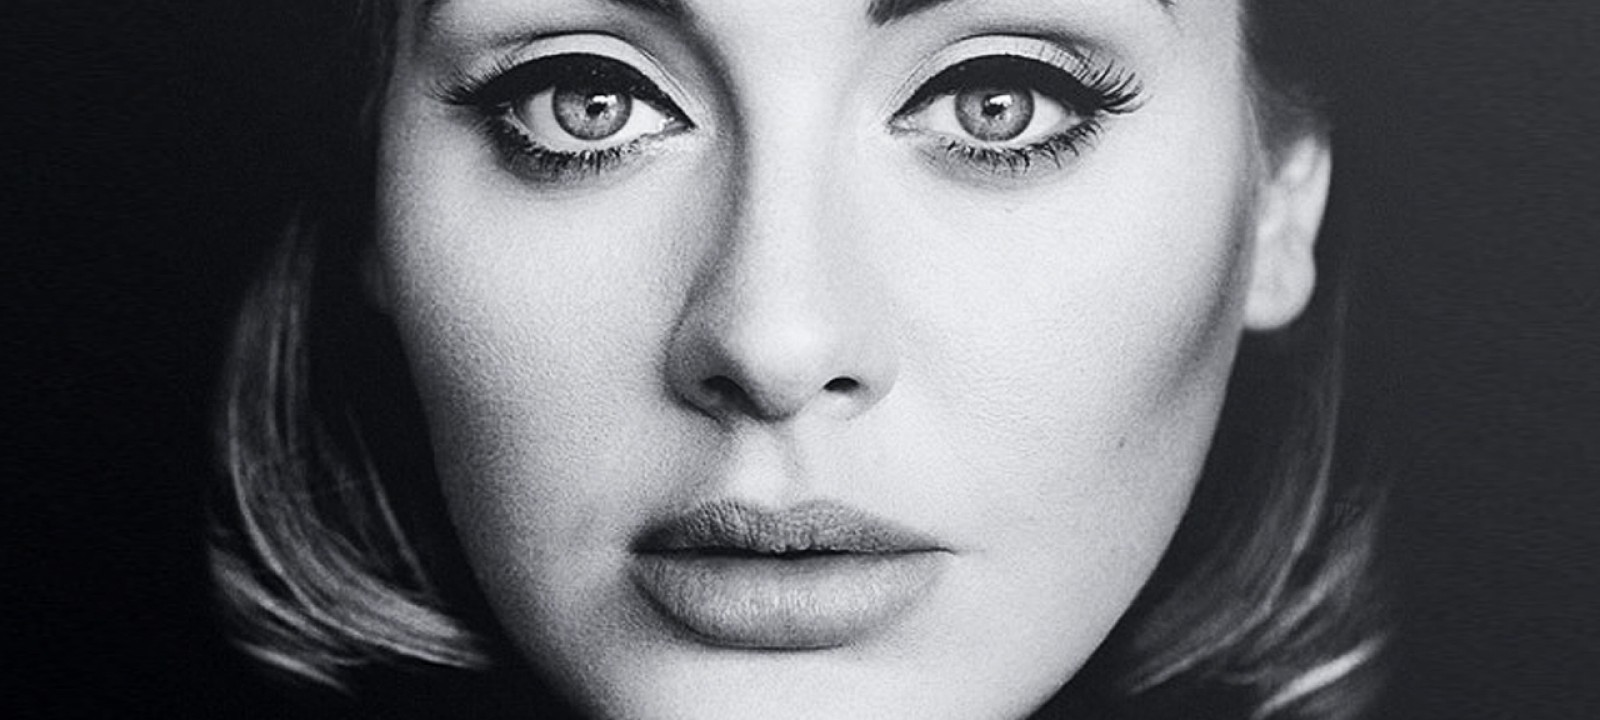 Adele (Photo: XL Recordings)